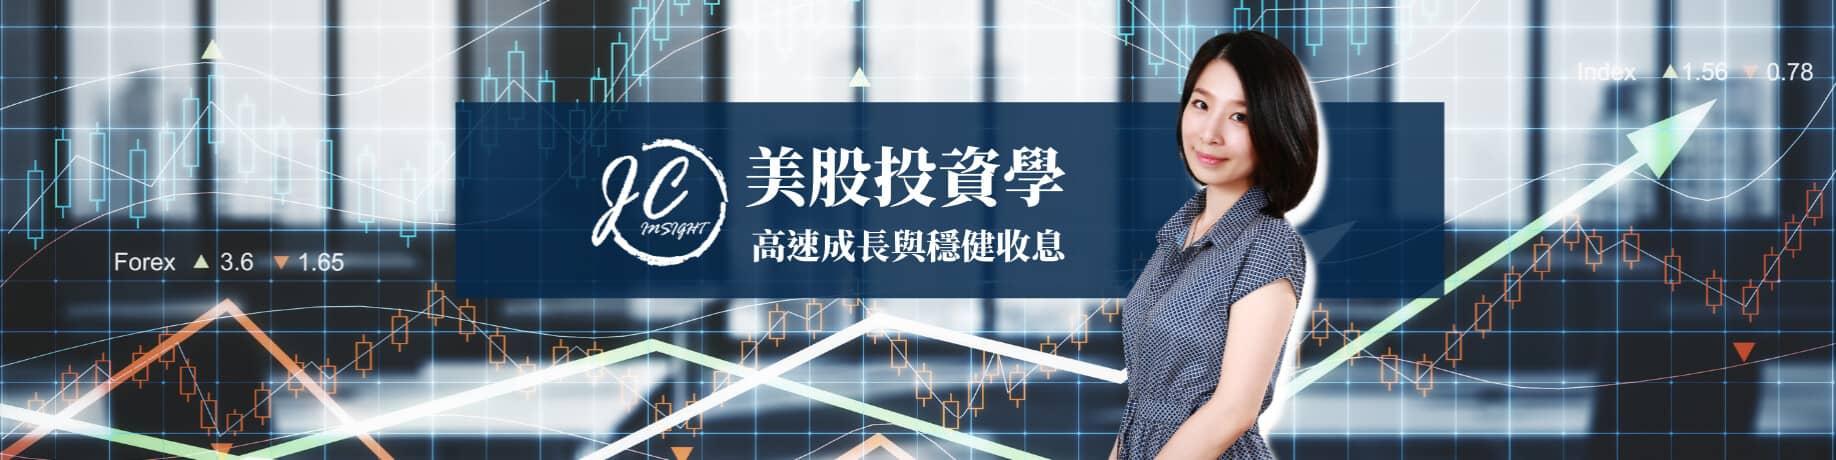 美股投資學-高速成長與穩健收息